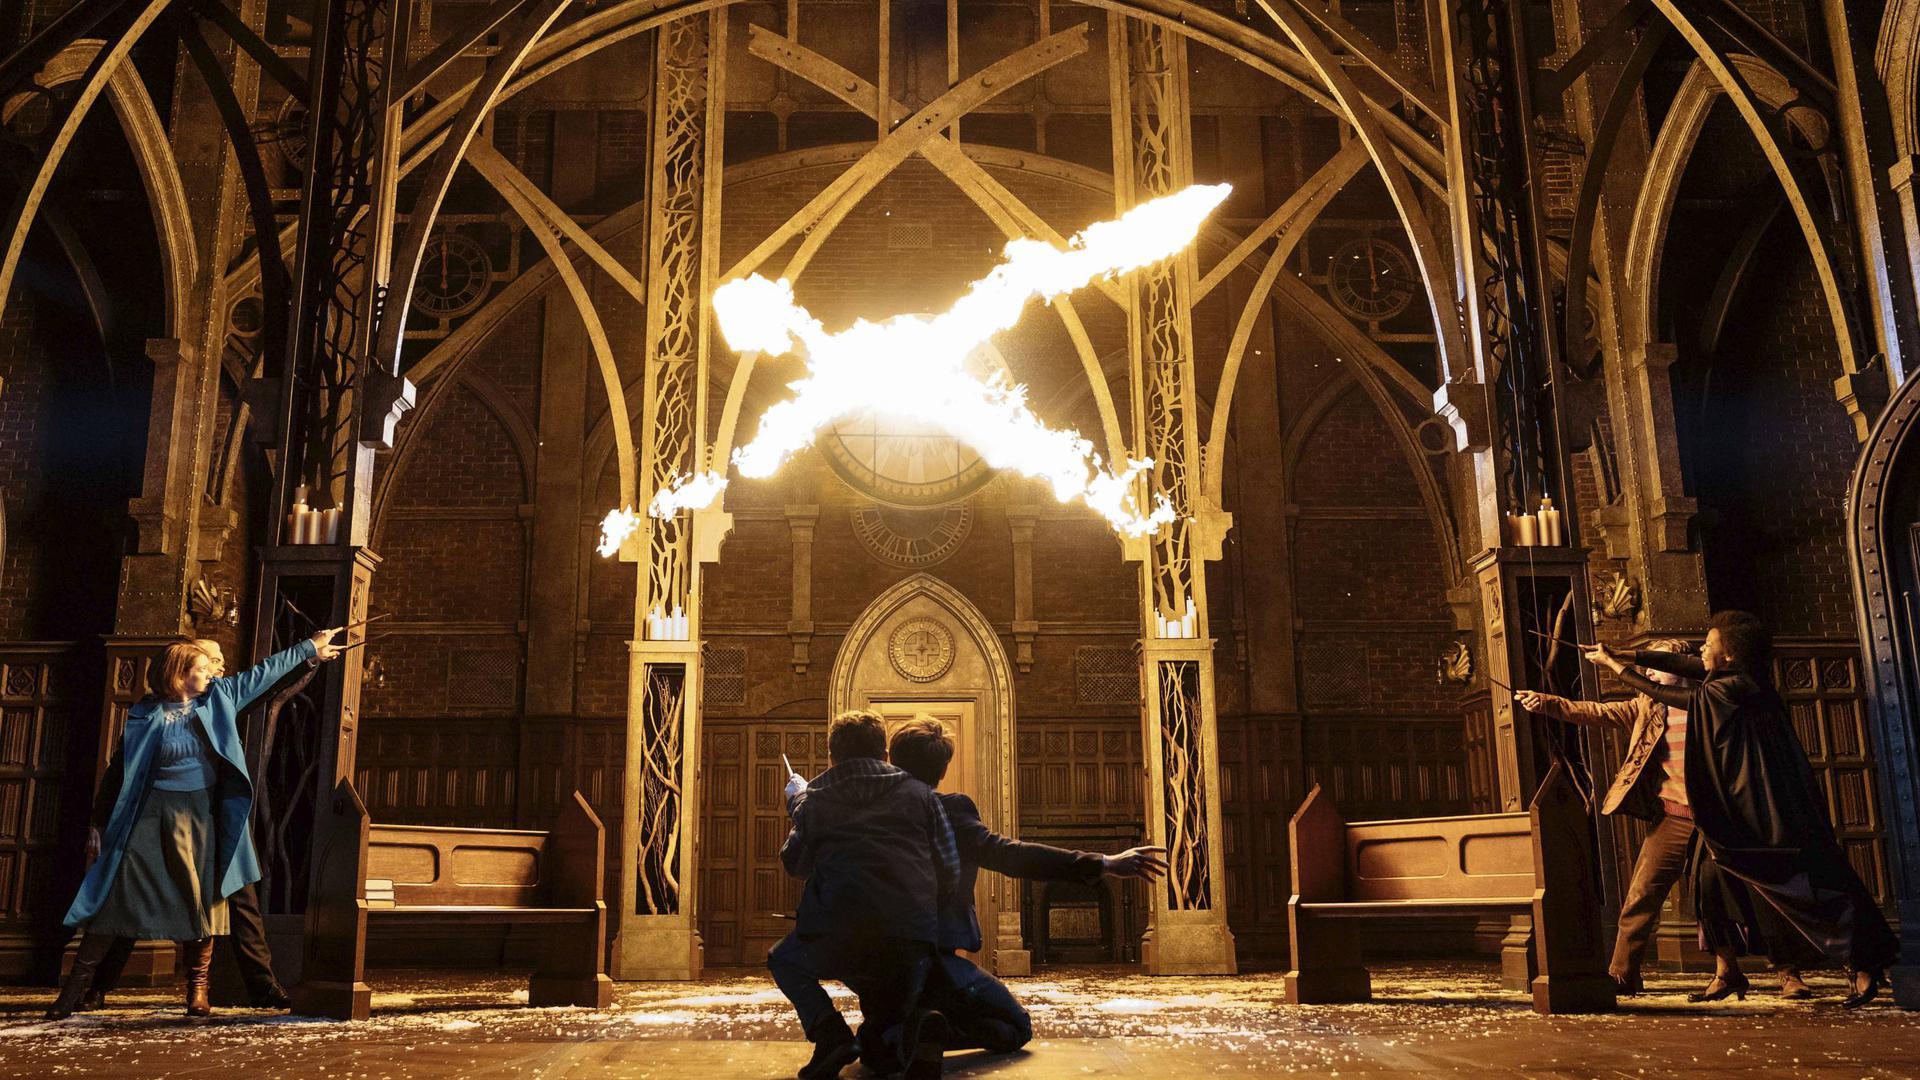 """Magische Momente bringt """"Harry Potter und das verwunschene Kind"""" auf die Bühne. Das Stück hat im März im Mehr!-Theater am Hamburger Großmarkt seine Deutschland- Premiere. Das Szenenfoto stammt aus der Broadway-Inszenierung."""